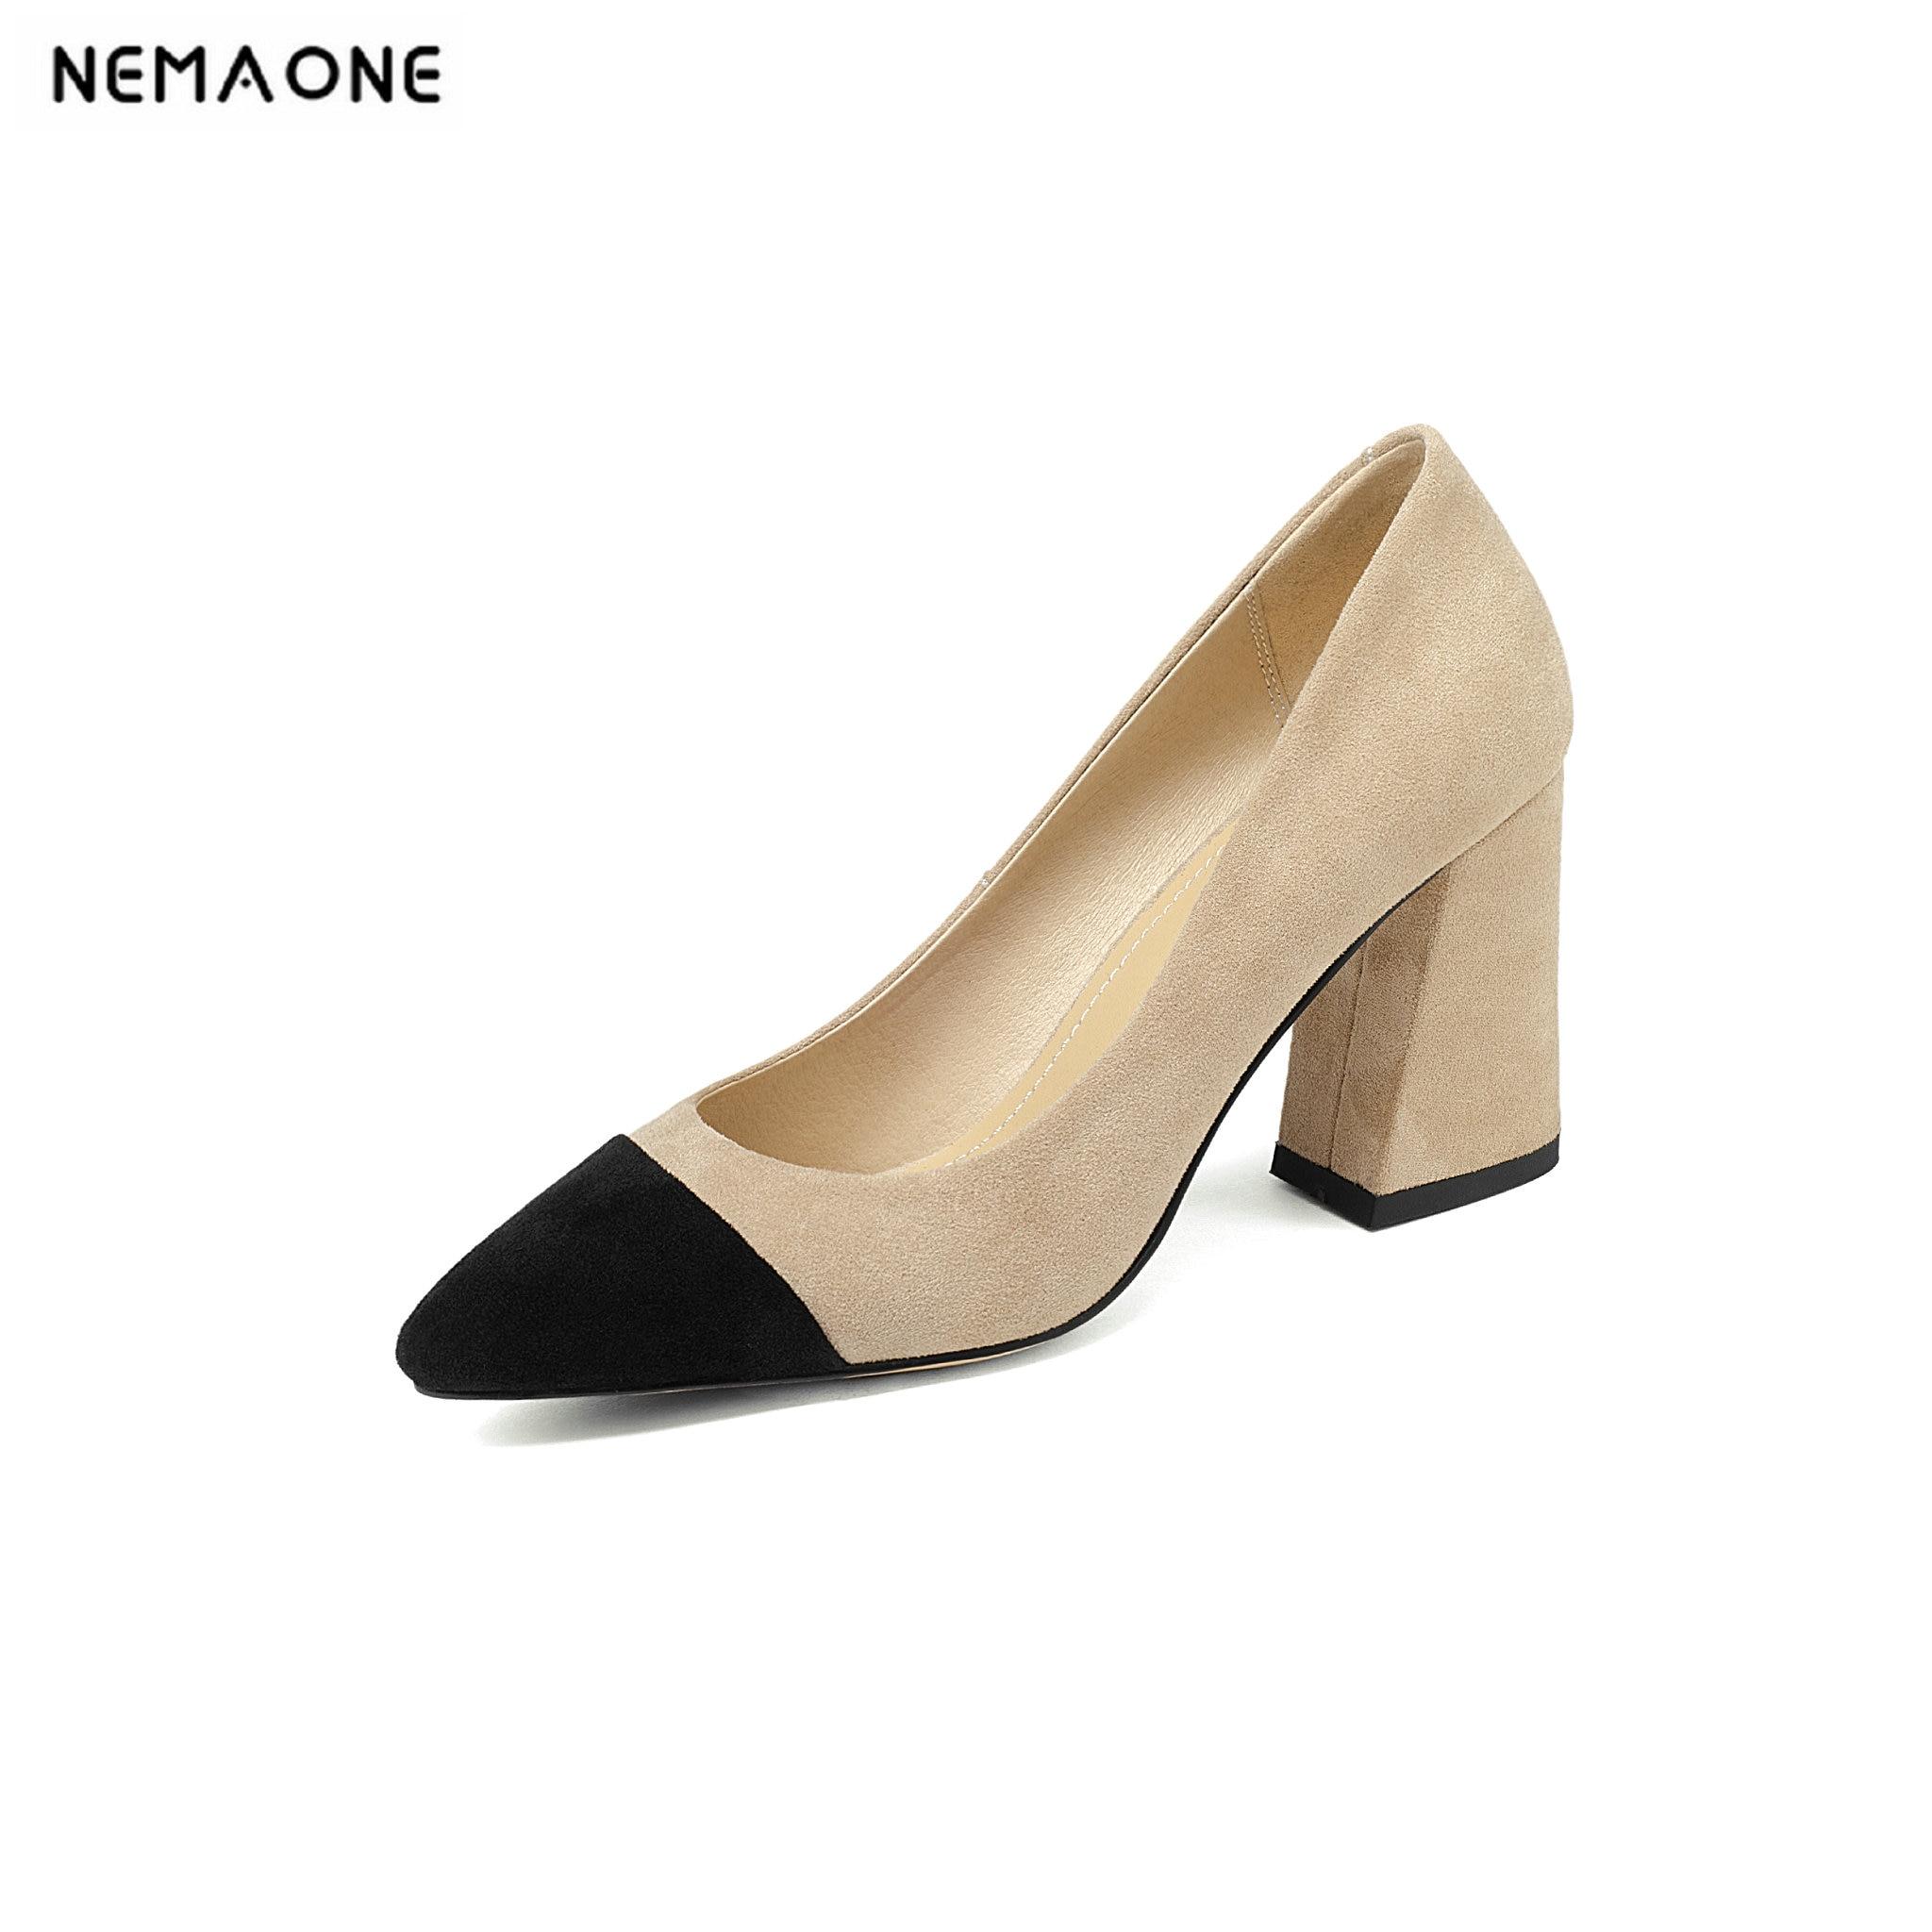 gris Talons Orteil Ladiea Nouvelles Véritable En Cuir De Patchwork Chaussures Femmes noir Hauts 2019 Femme Poined Apricot pIwaaS